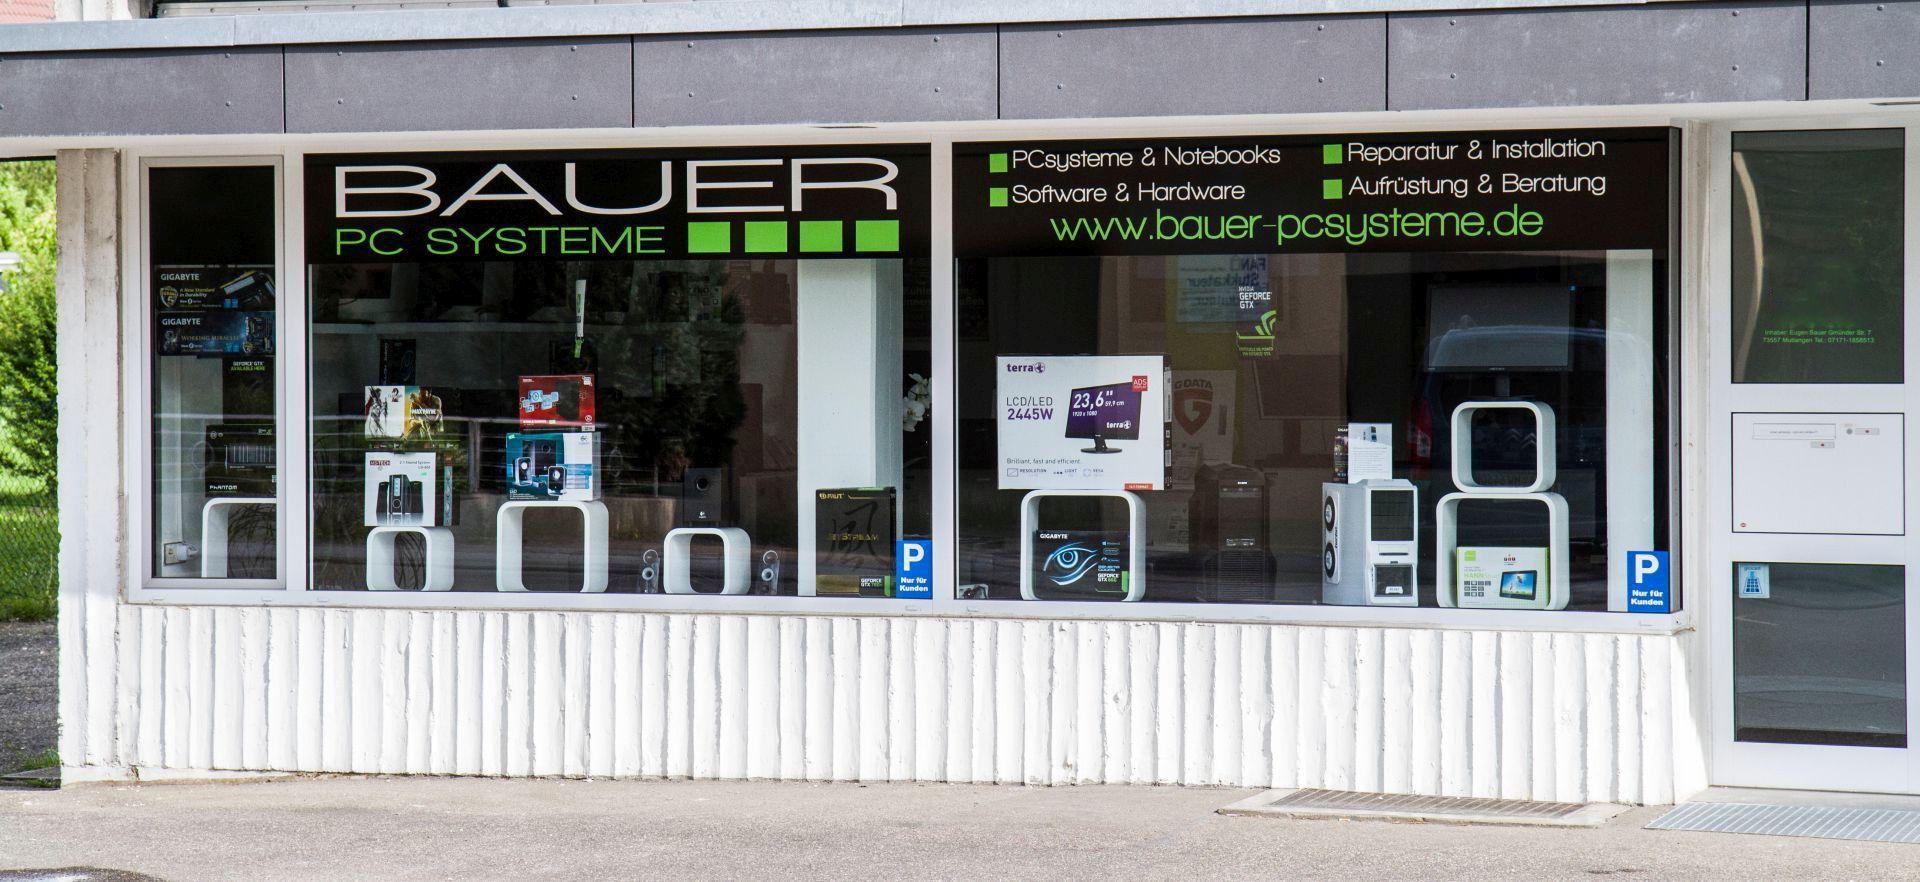 Bauer PC Systeme Ladengeschäft Computergeschäft